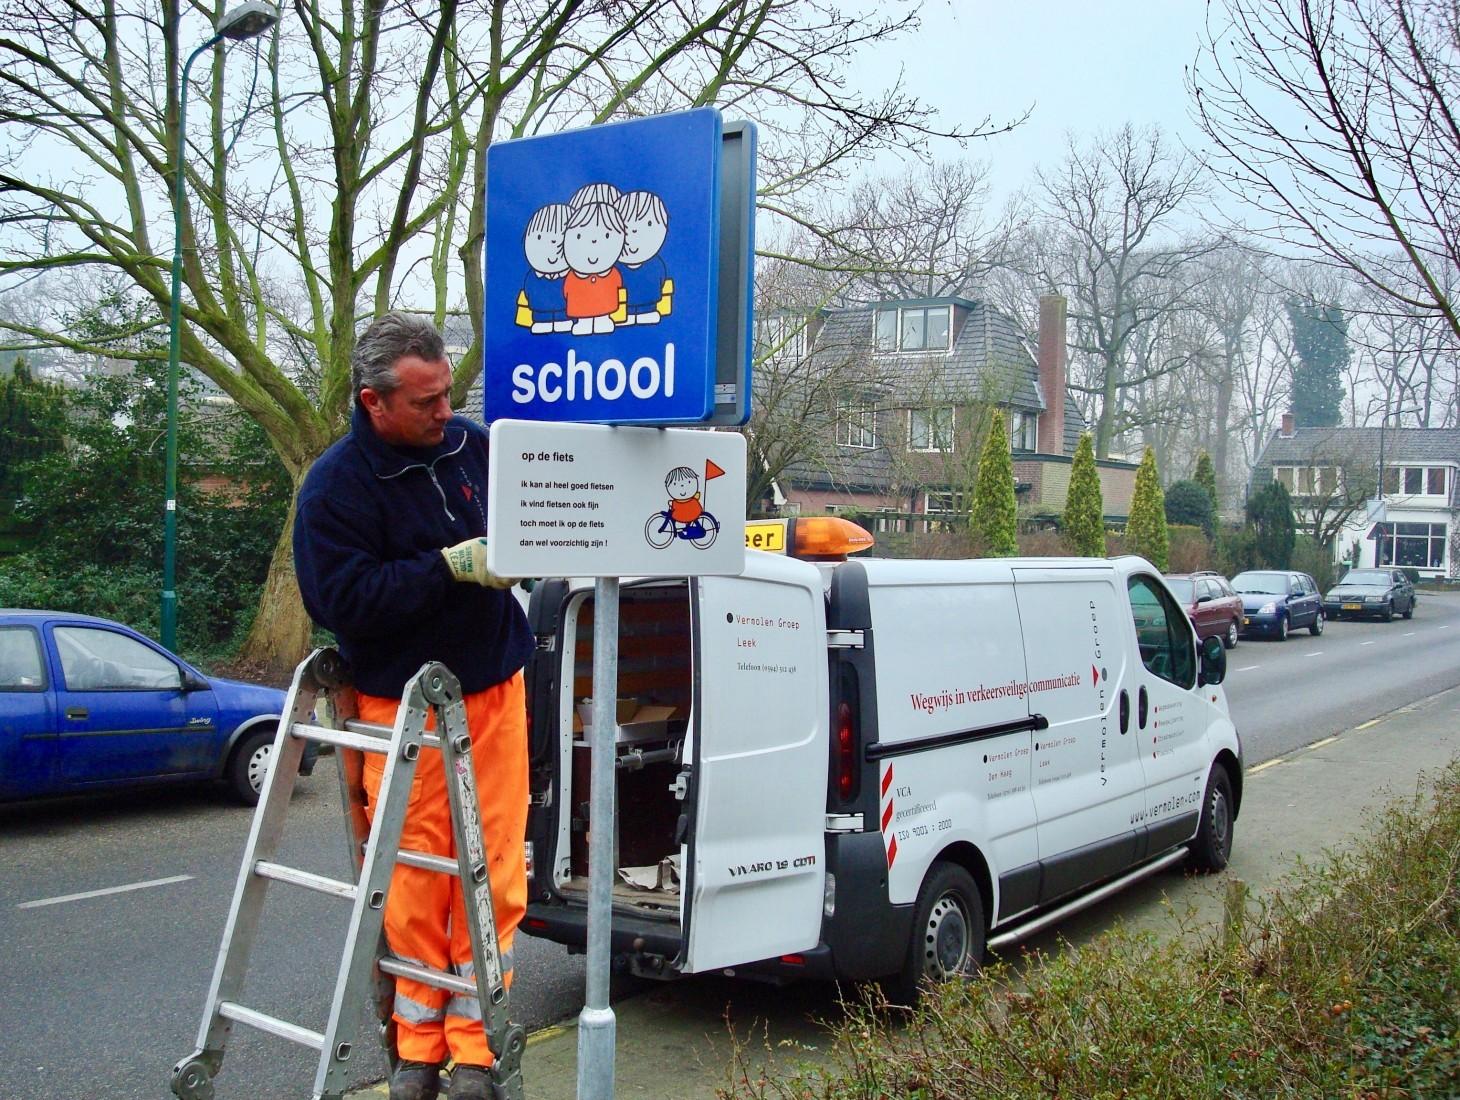 Leer in het Verkeer richt de verkeersveilige schoolzone of woonwijk voor u in. Als gemeente heeft u er geen omkijken naar!